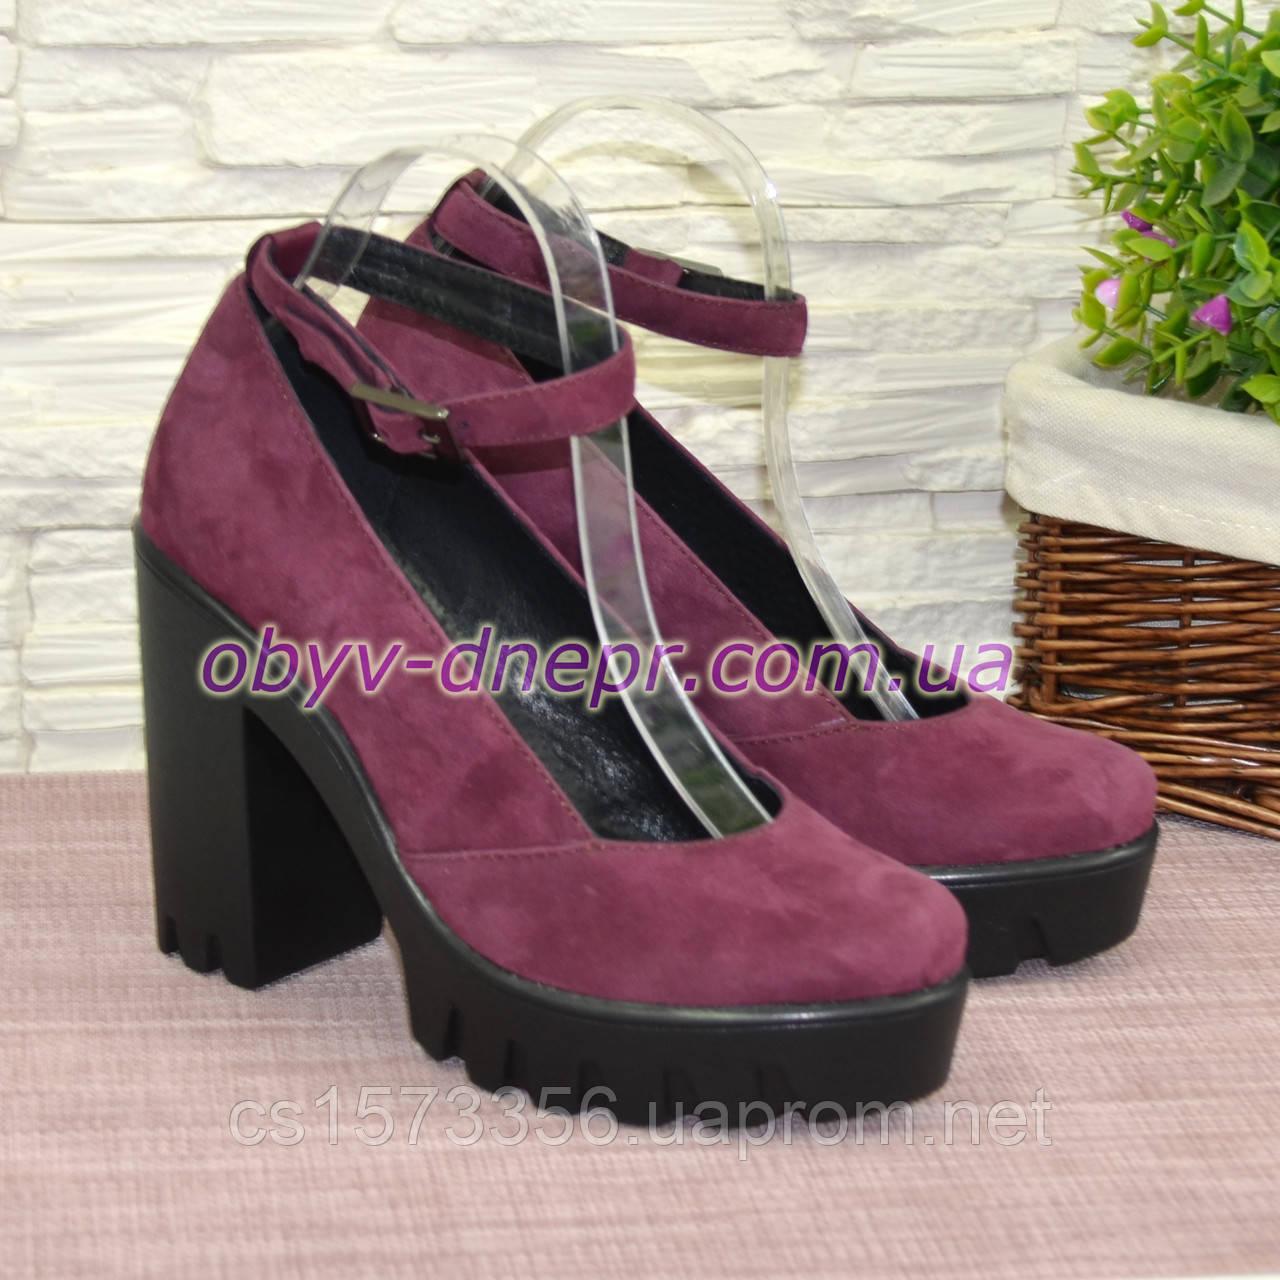 Женские туфли на тракторной подошве, из натуральной замши фиолетового цвета